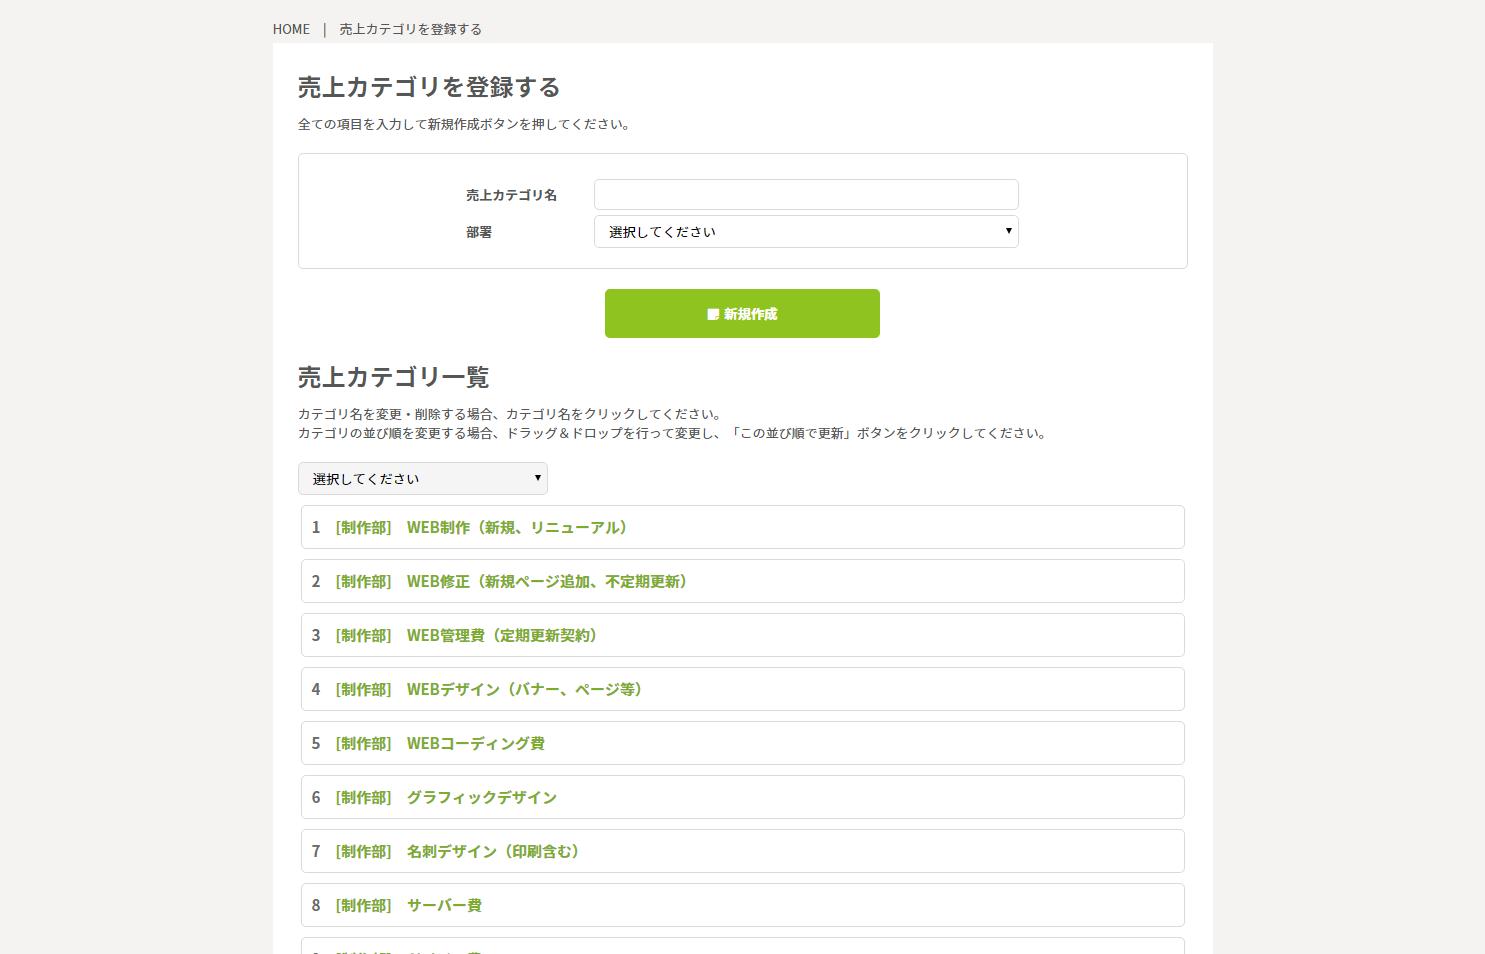 売上管理システム「番頭さん」 売上カテゴリ登録